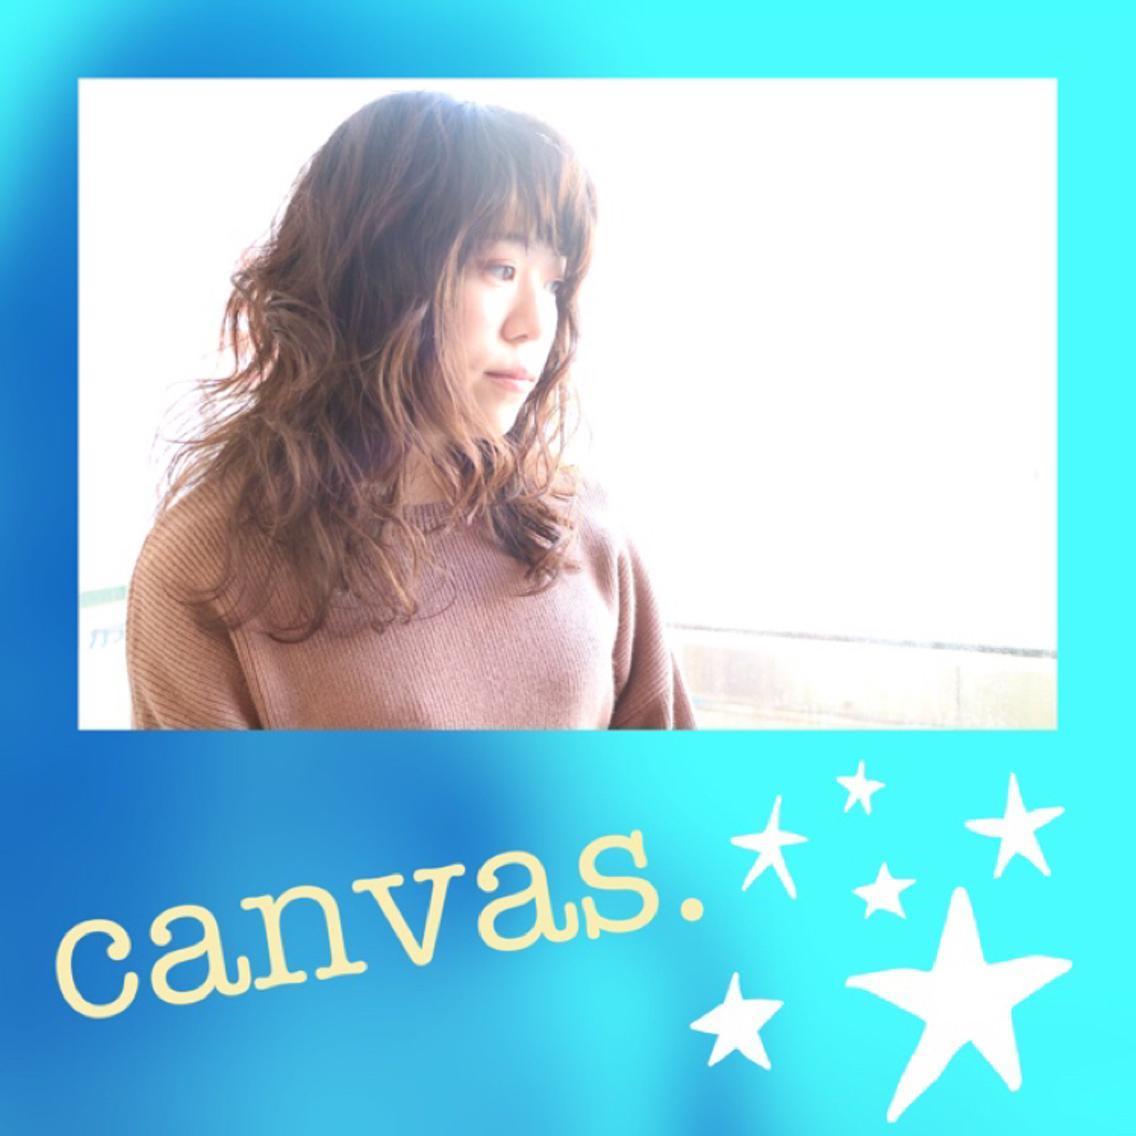 【川崎駅から徒歩5分❤】大人気✨イルミナカラー✨髪の毛再生キラ水✨K-POP、Disney好きさんも歓迎✨